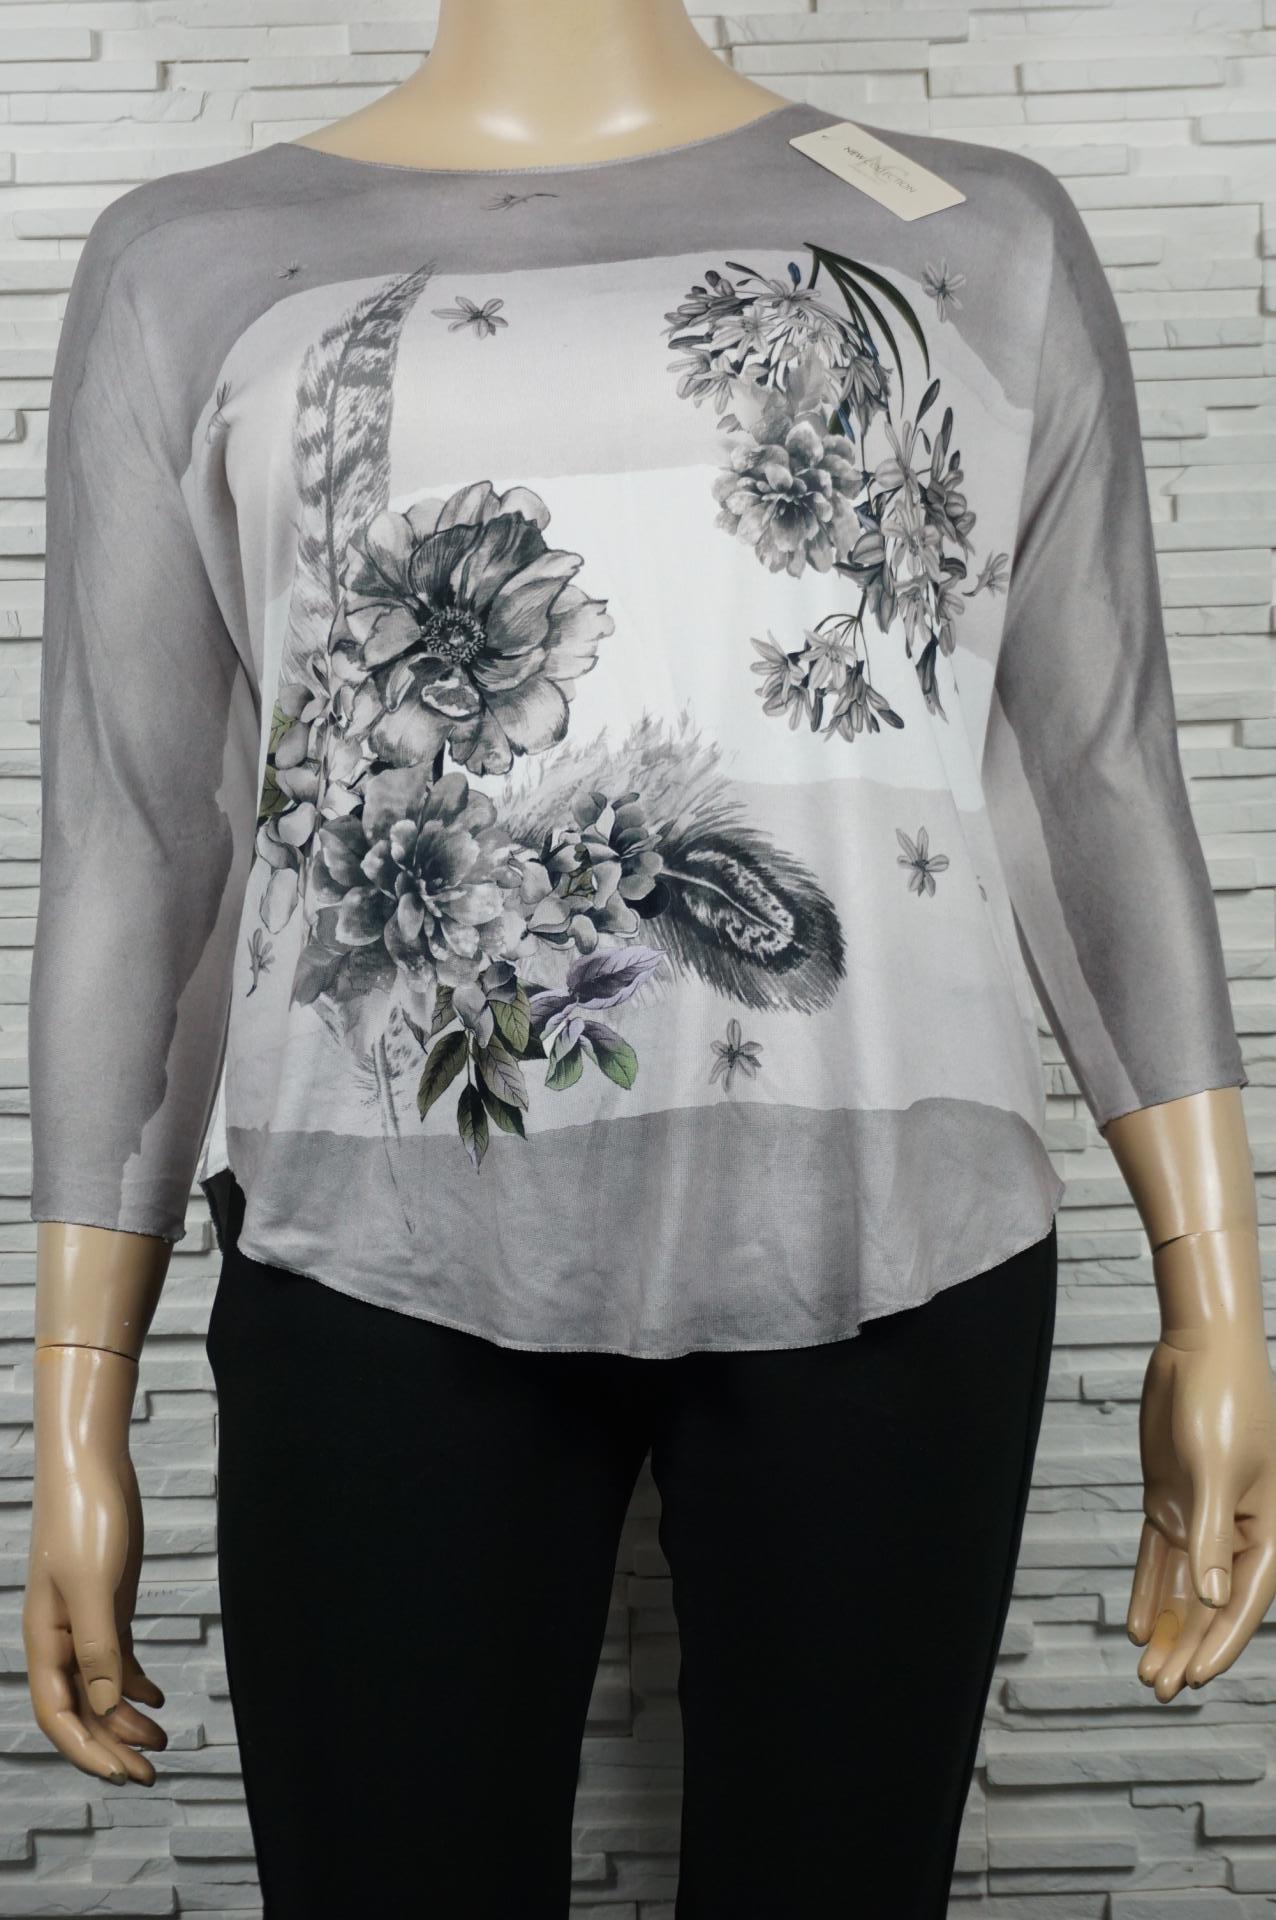 Tunique /T-shirt à bandes avec fleurs.